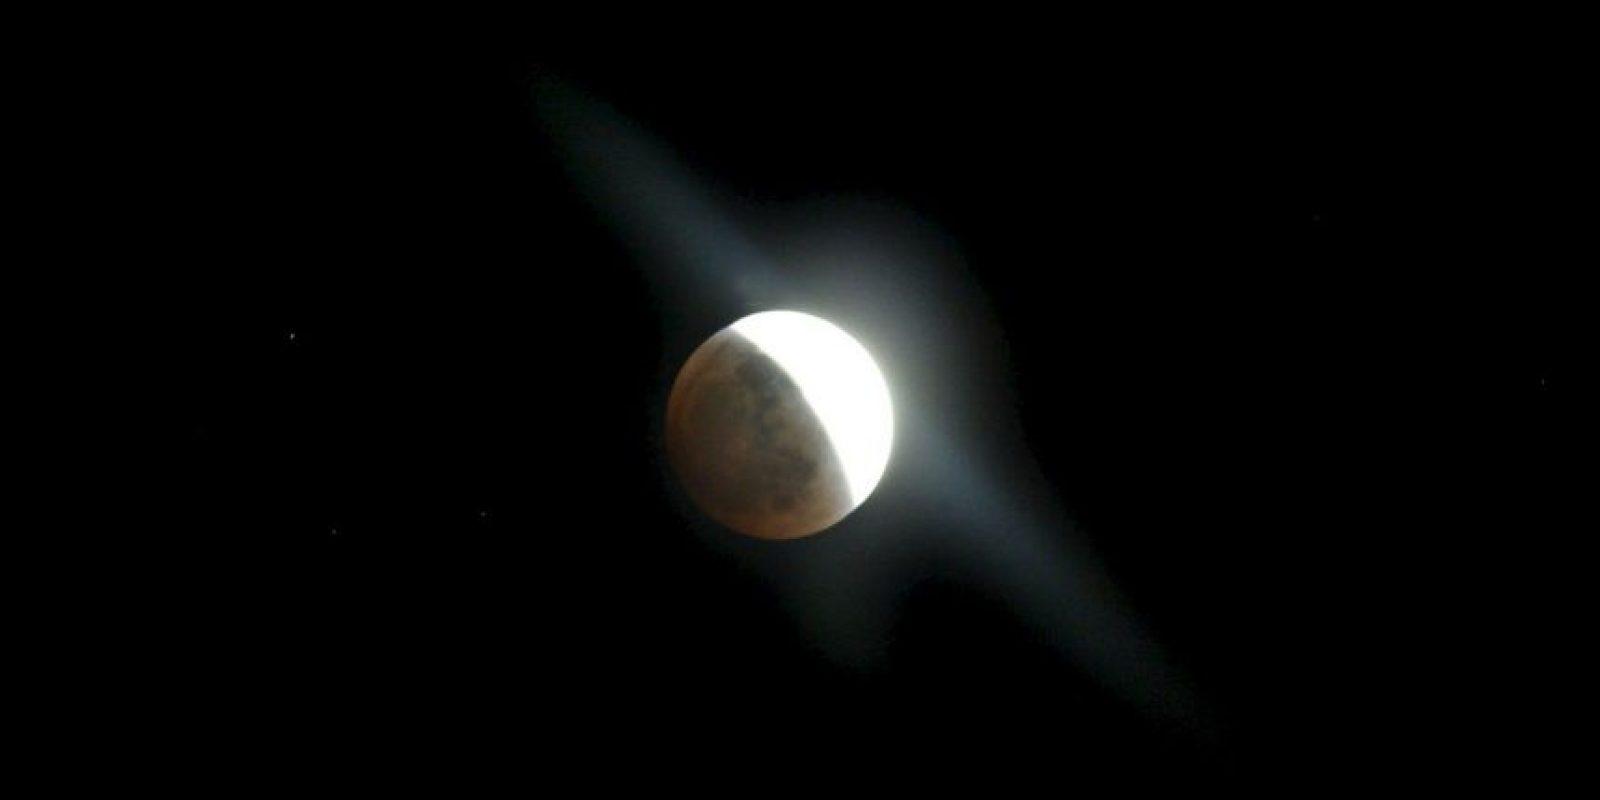 Esta profecía habla de la tétrada de las lunas rojas como señal del fin del mundo. Foto:Getty Images